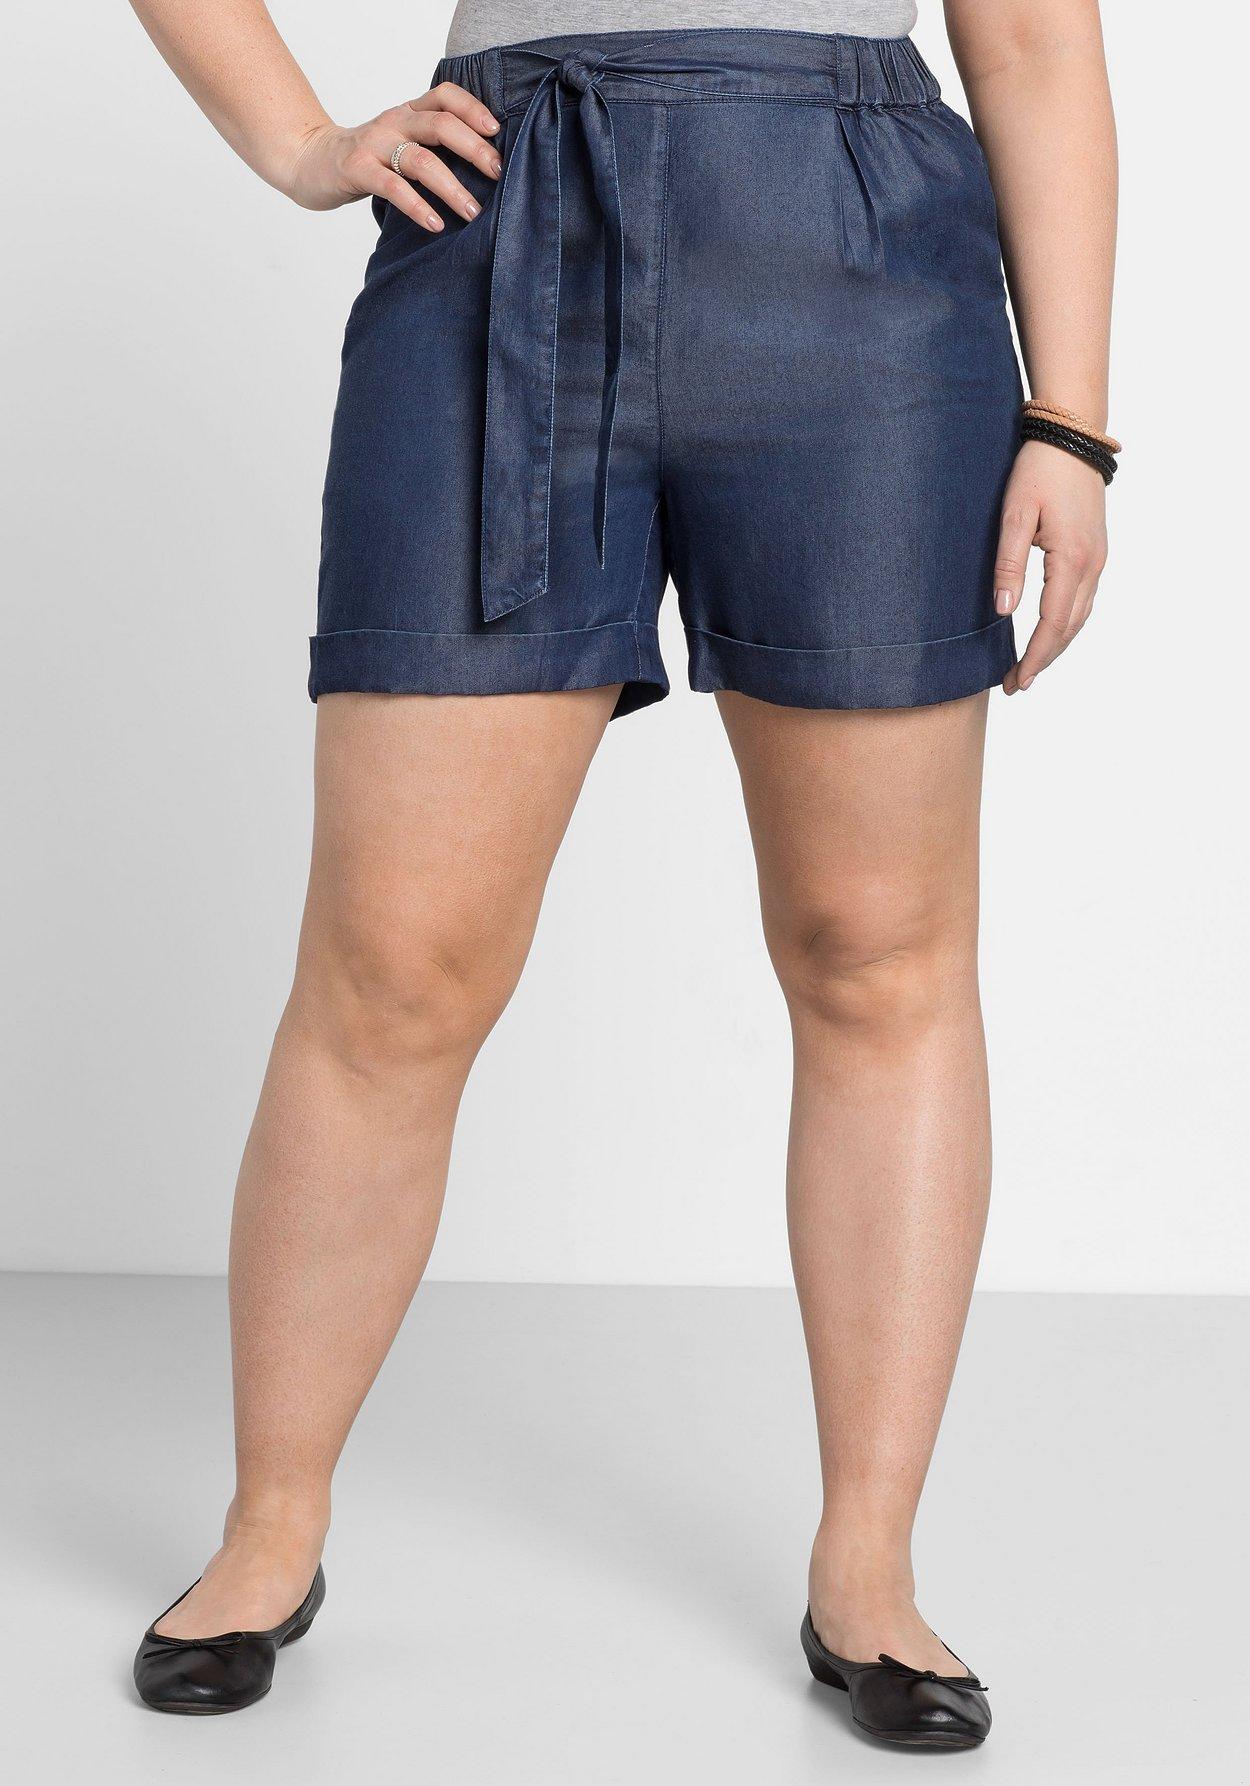 Turnschuhe für billige bieten eine große Auswahl an erstaunlicher Preis Shorts mit Bindegürtel - dark blue used Denim | sheego